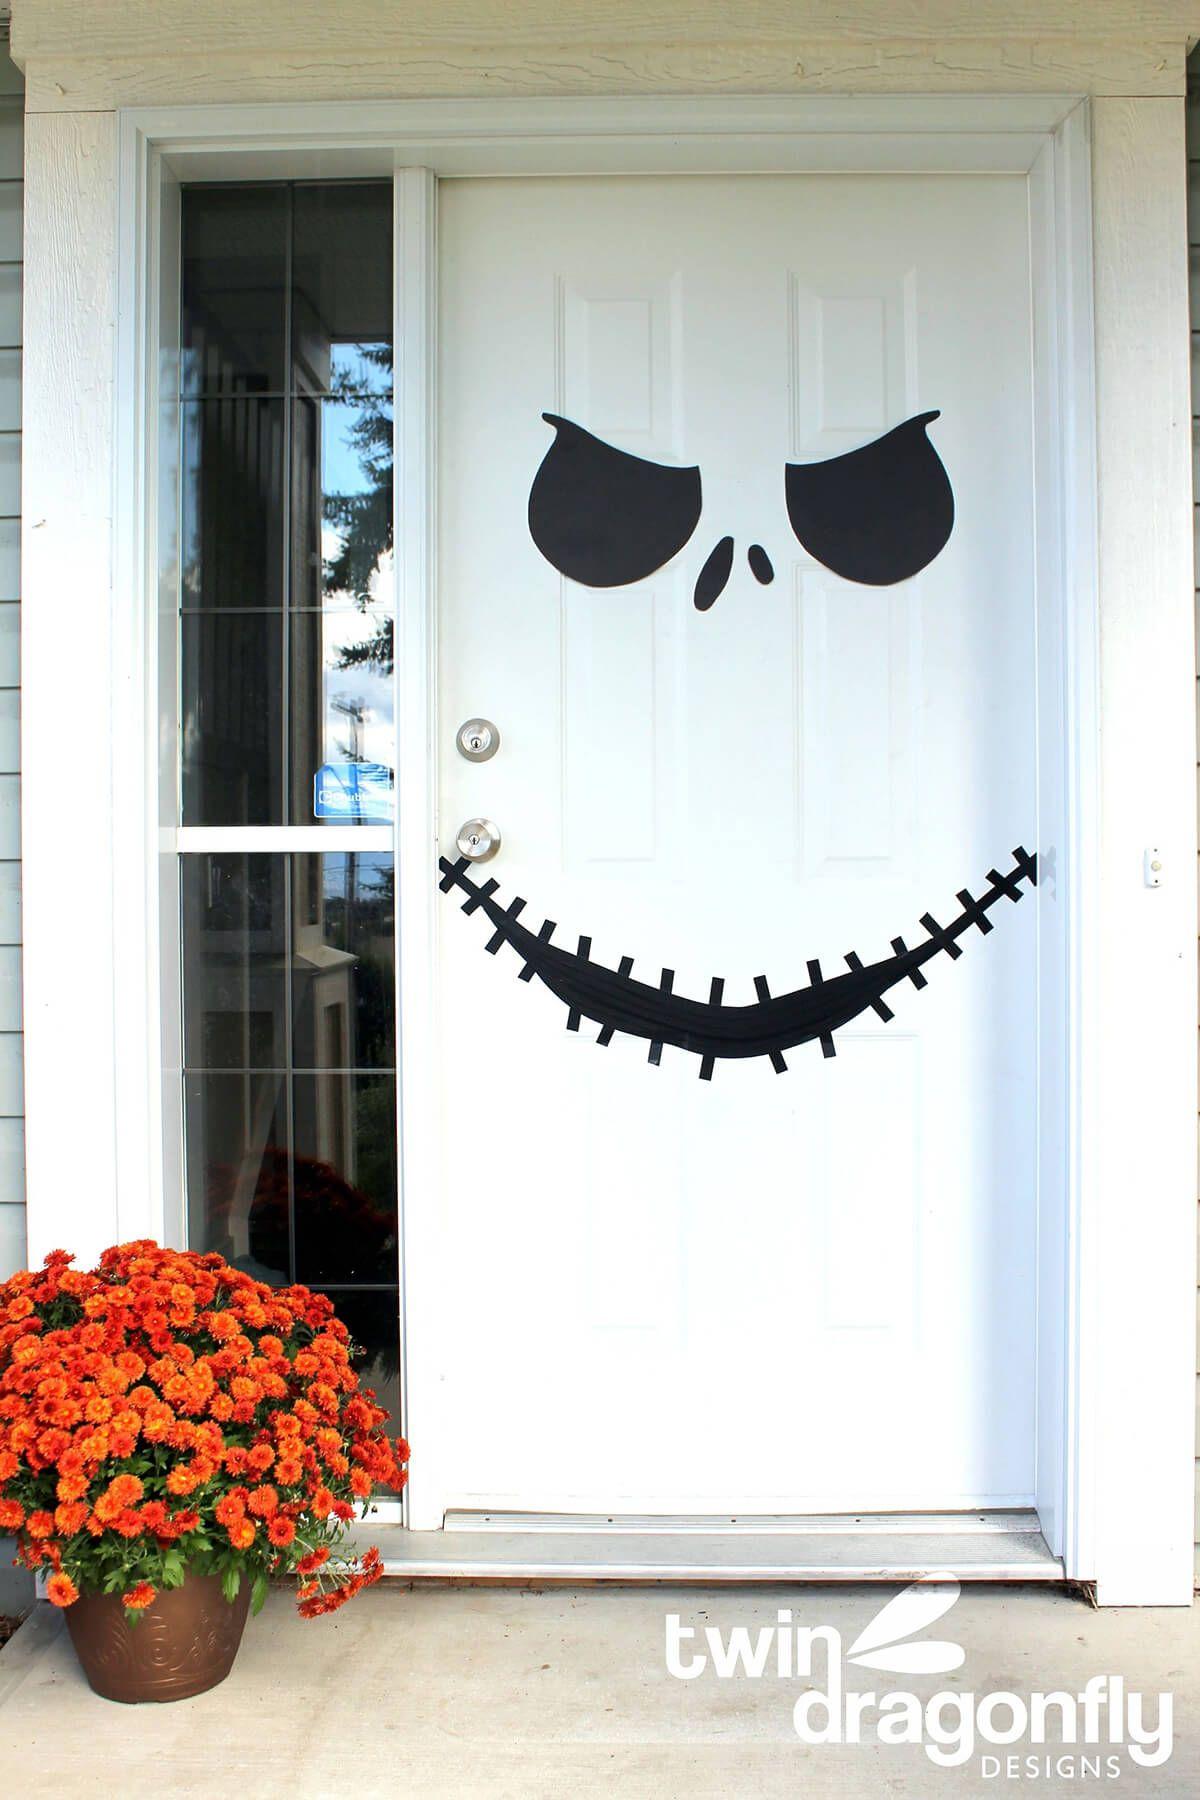 13 DIY-Dollar-Shop Halloween-Dekorationen für mehr Spaß - Einrichtungs Ideen #halloweendoordecor